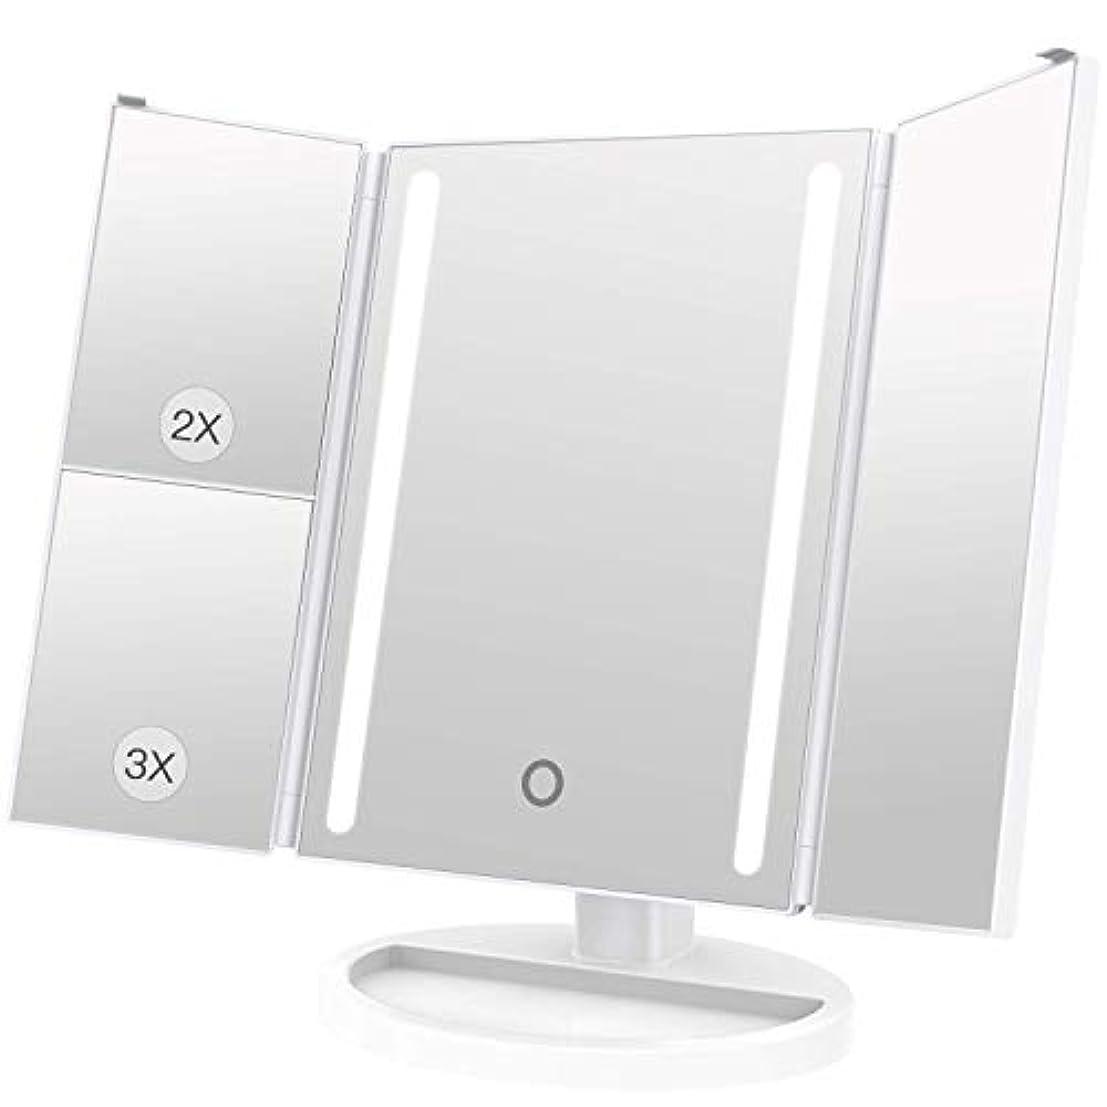 意気込み取り出す揃えるLEEPWEI 化粧鏡 LED 三面鏡 2&3倍拡大鏡付き 明るさ調節可能 180度回転 USB/単三電池給電 (ホワイト)